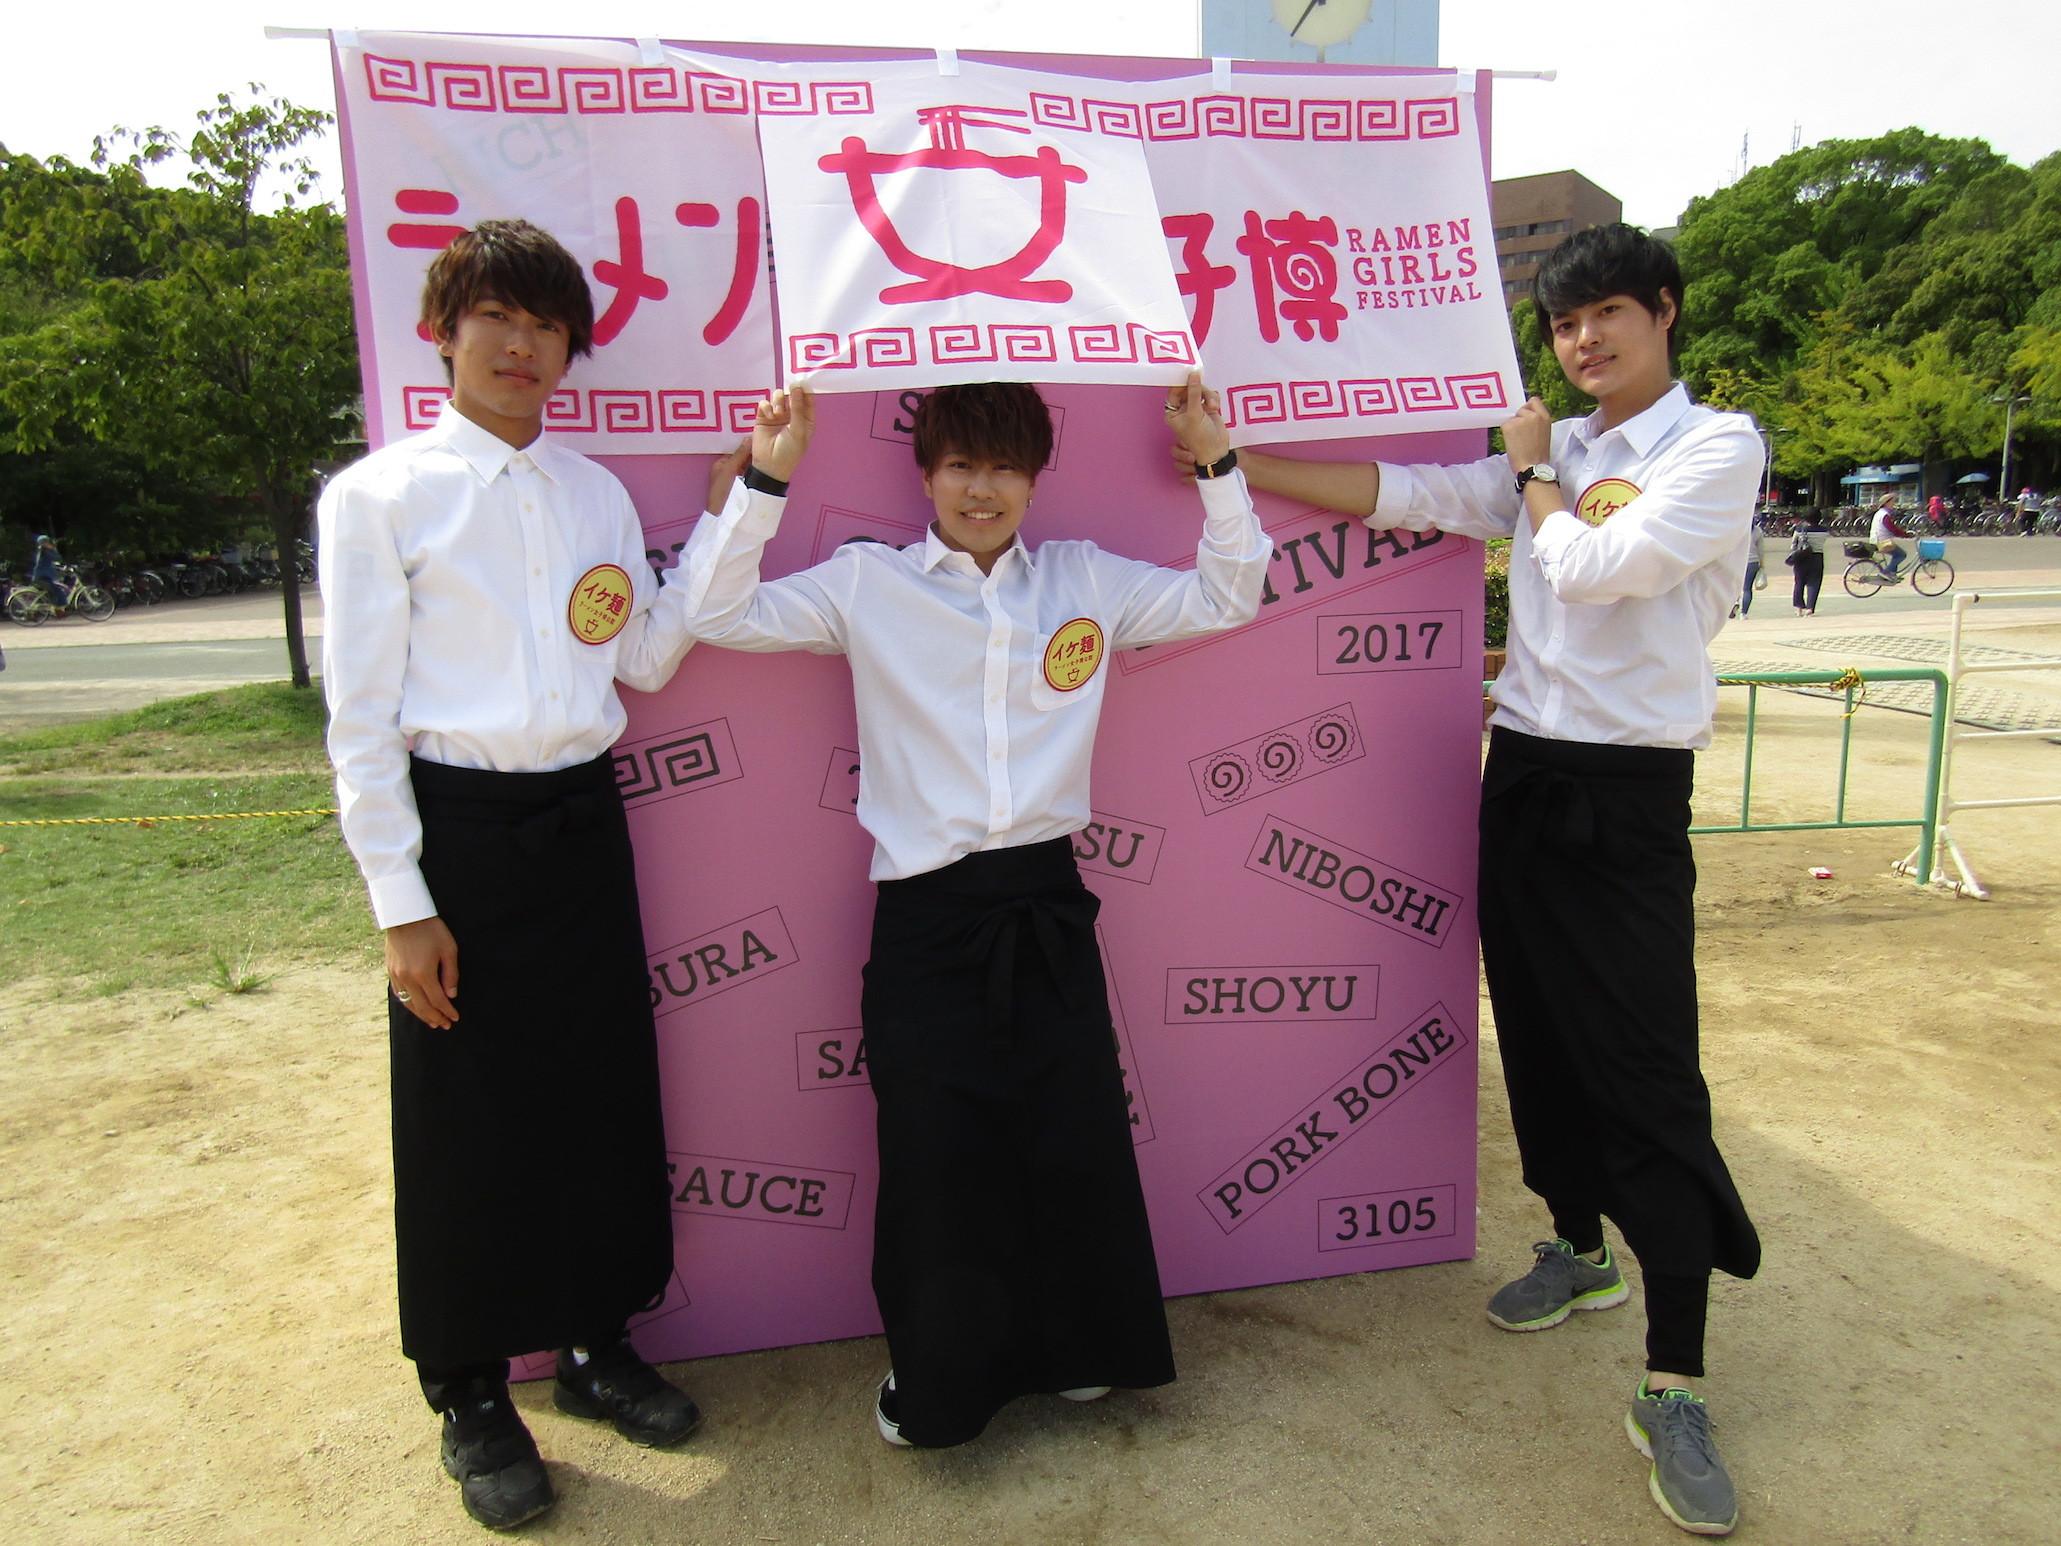 左からイケメンBoysエンタテインメント集団「Kansai Boys Project」の岸田朋大さん、小野泰征さん、内田将平さん